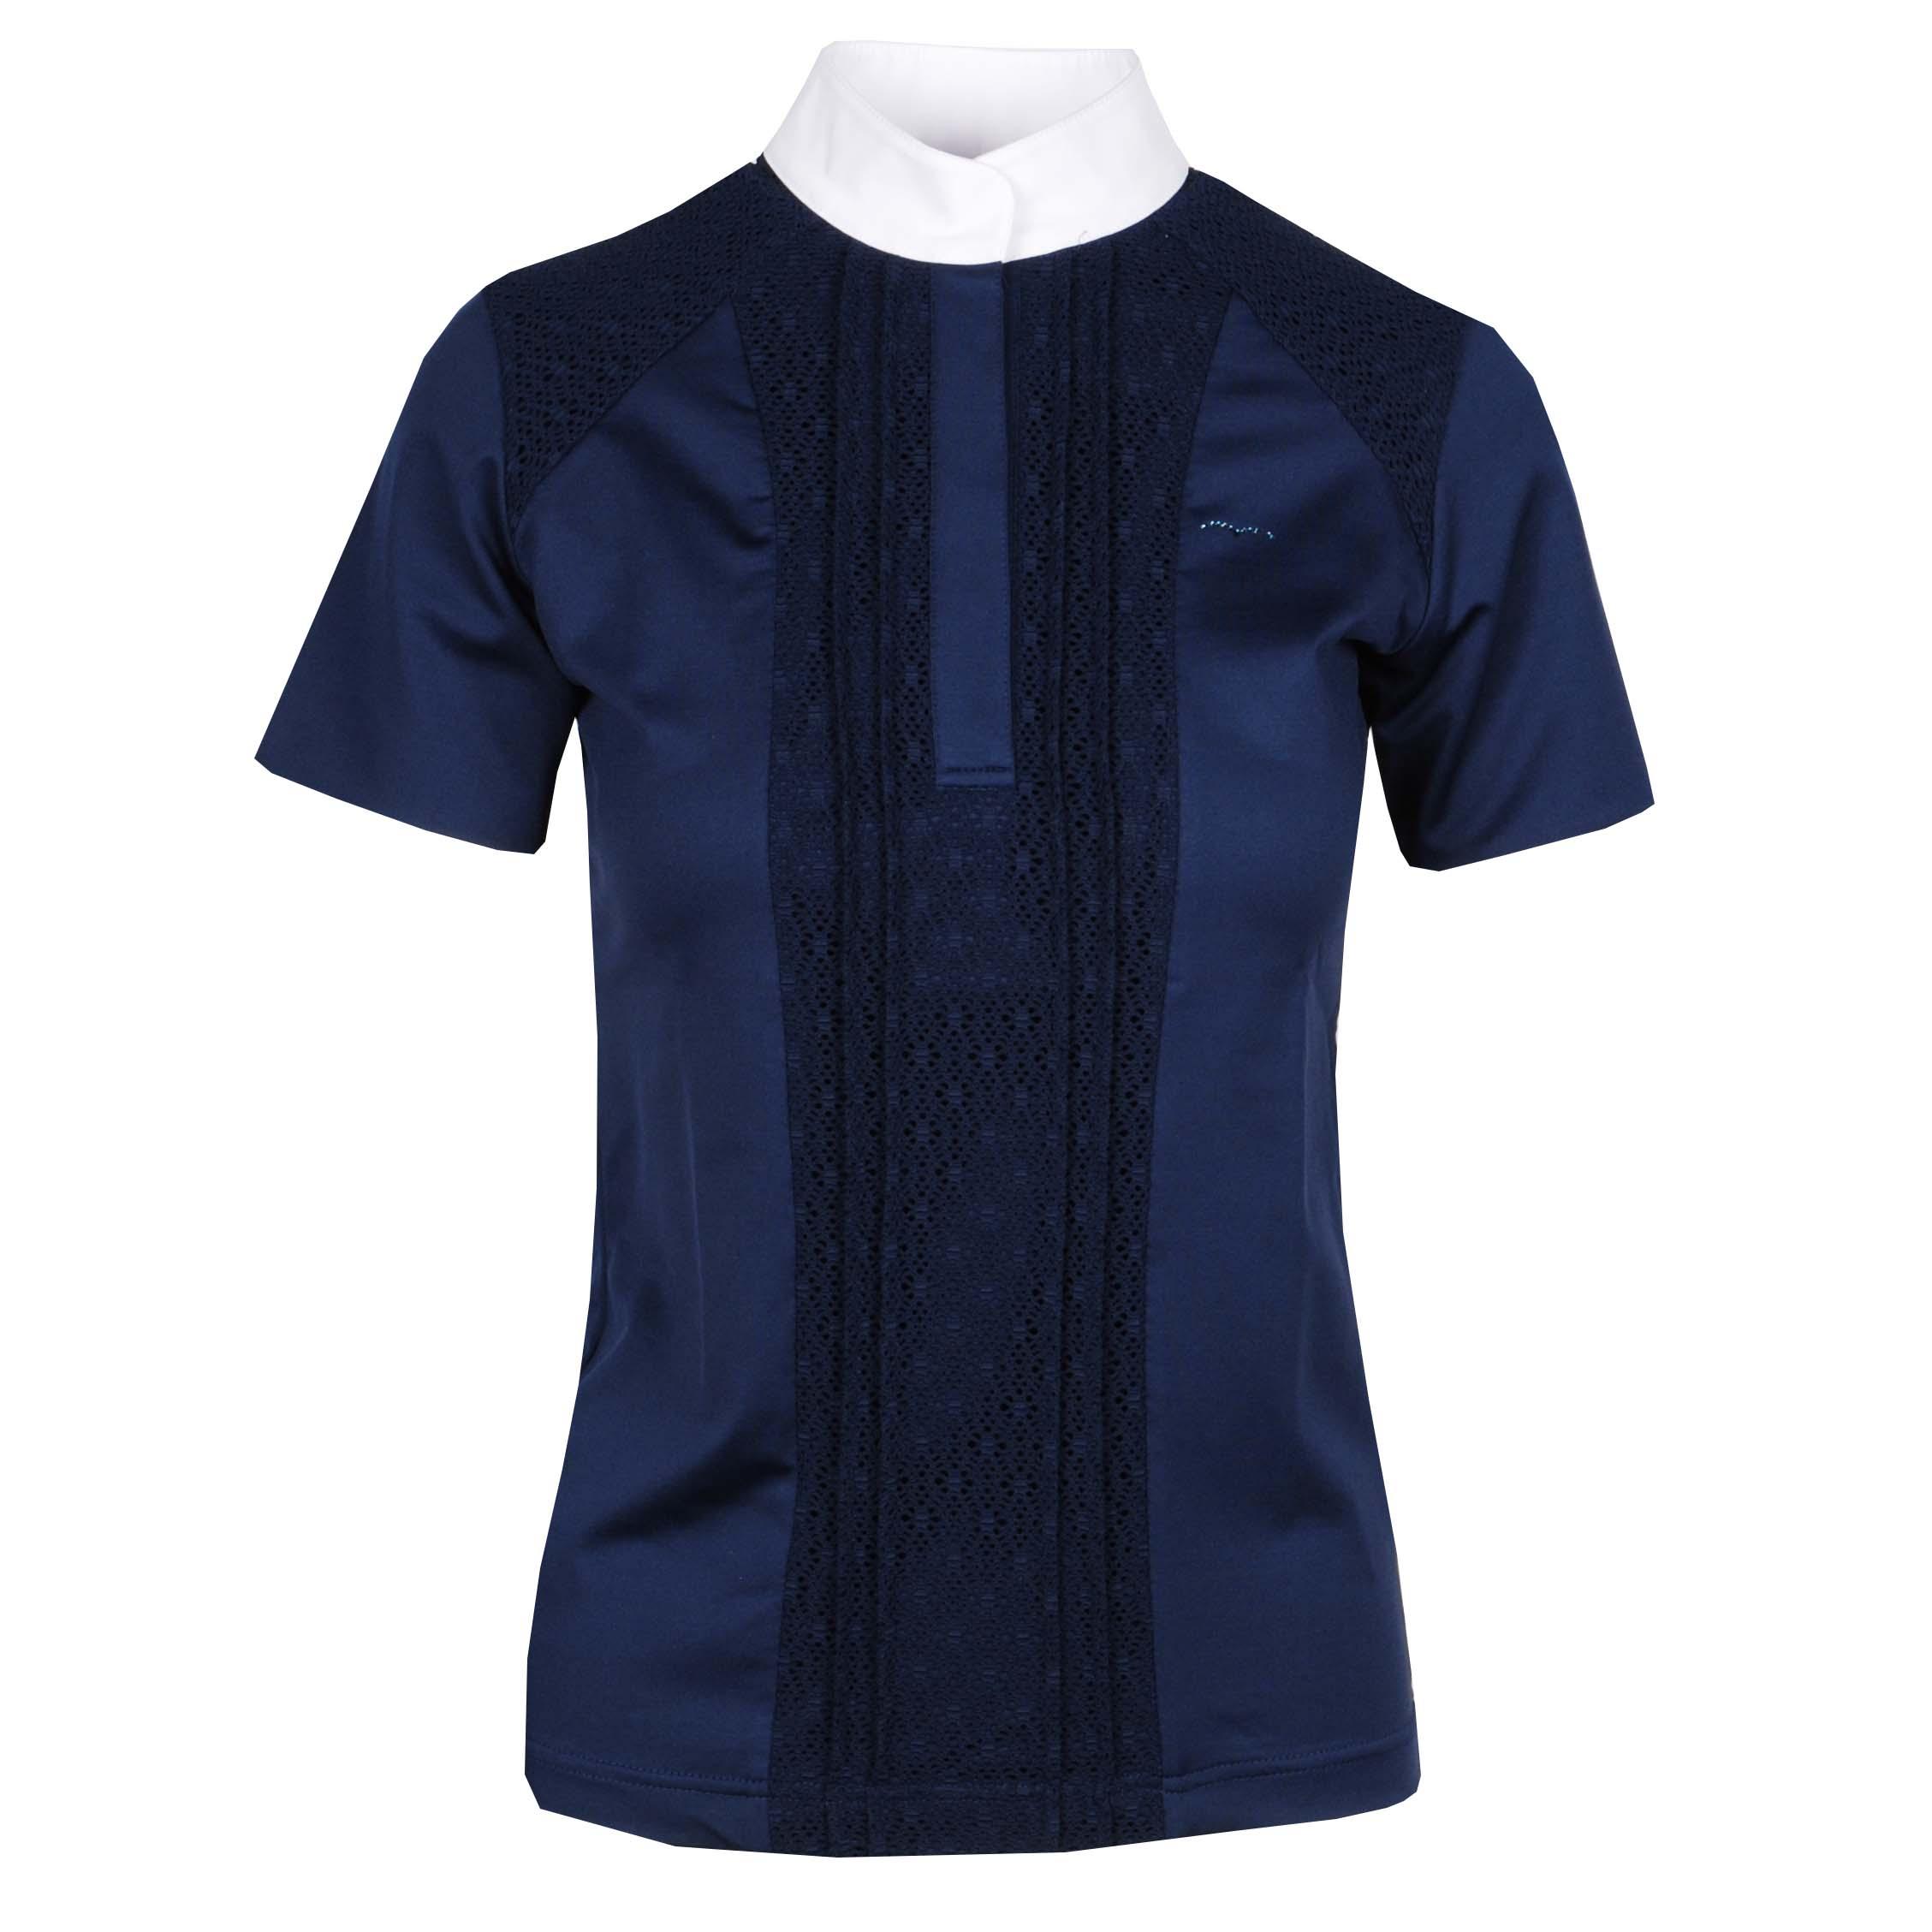 Animo Bel wedstrijdshirt donkerblauw maat:40